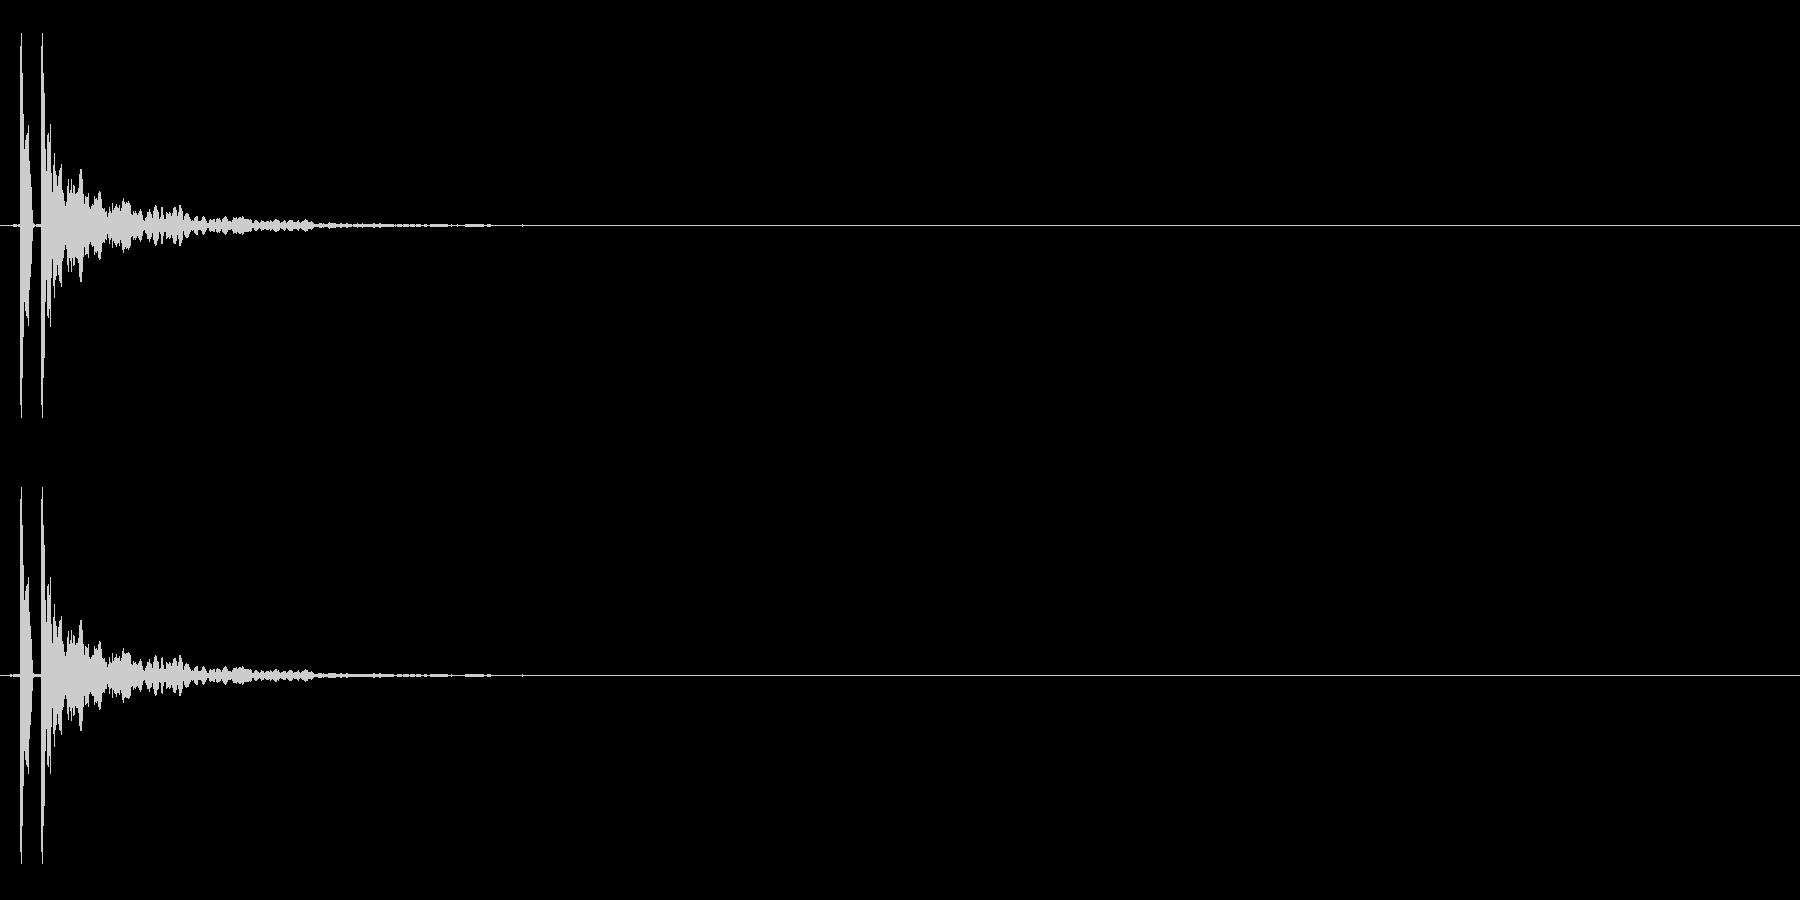 【ポン!】とてもリアルな太鼓の鼓!04の未再生の波形